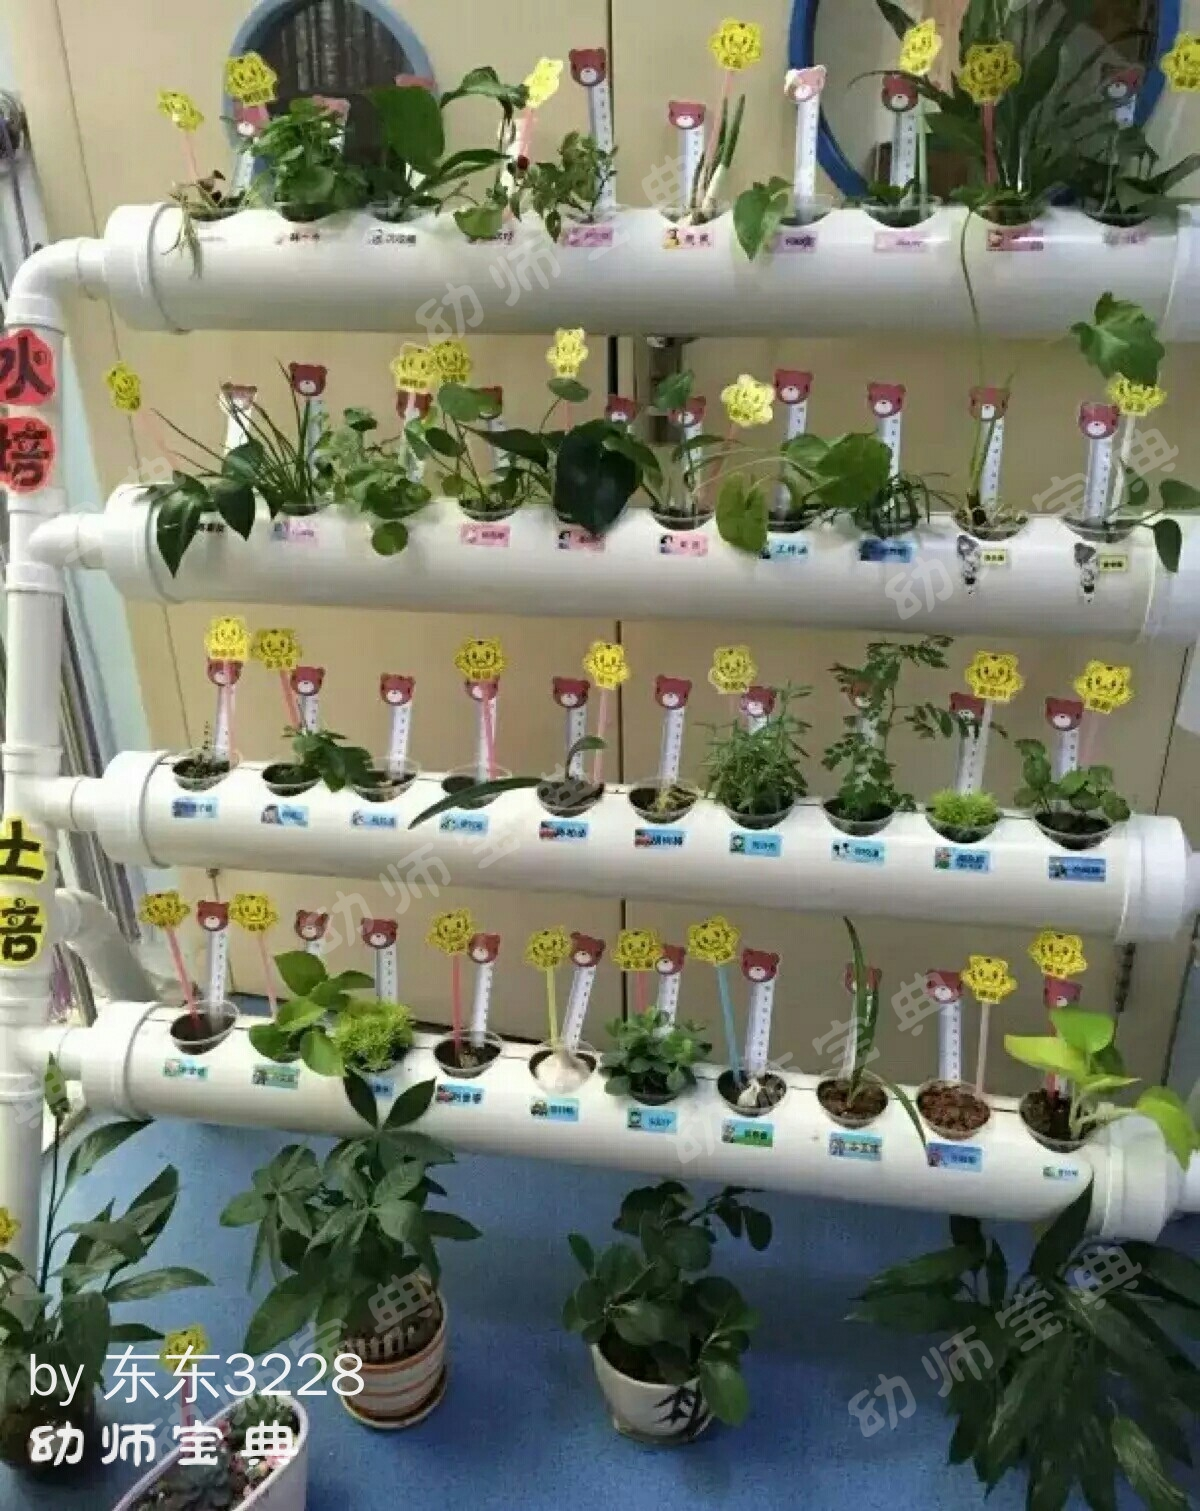 自然角 | 植物角里的春天